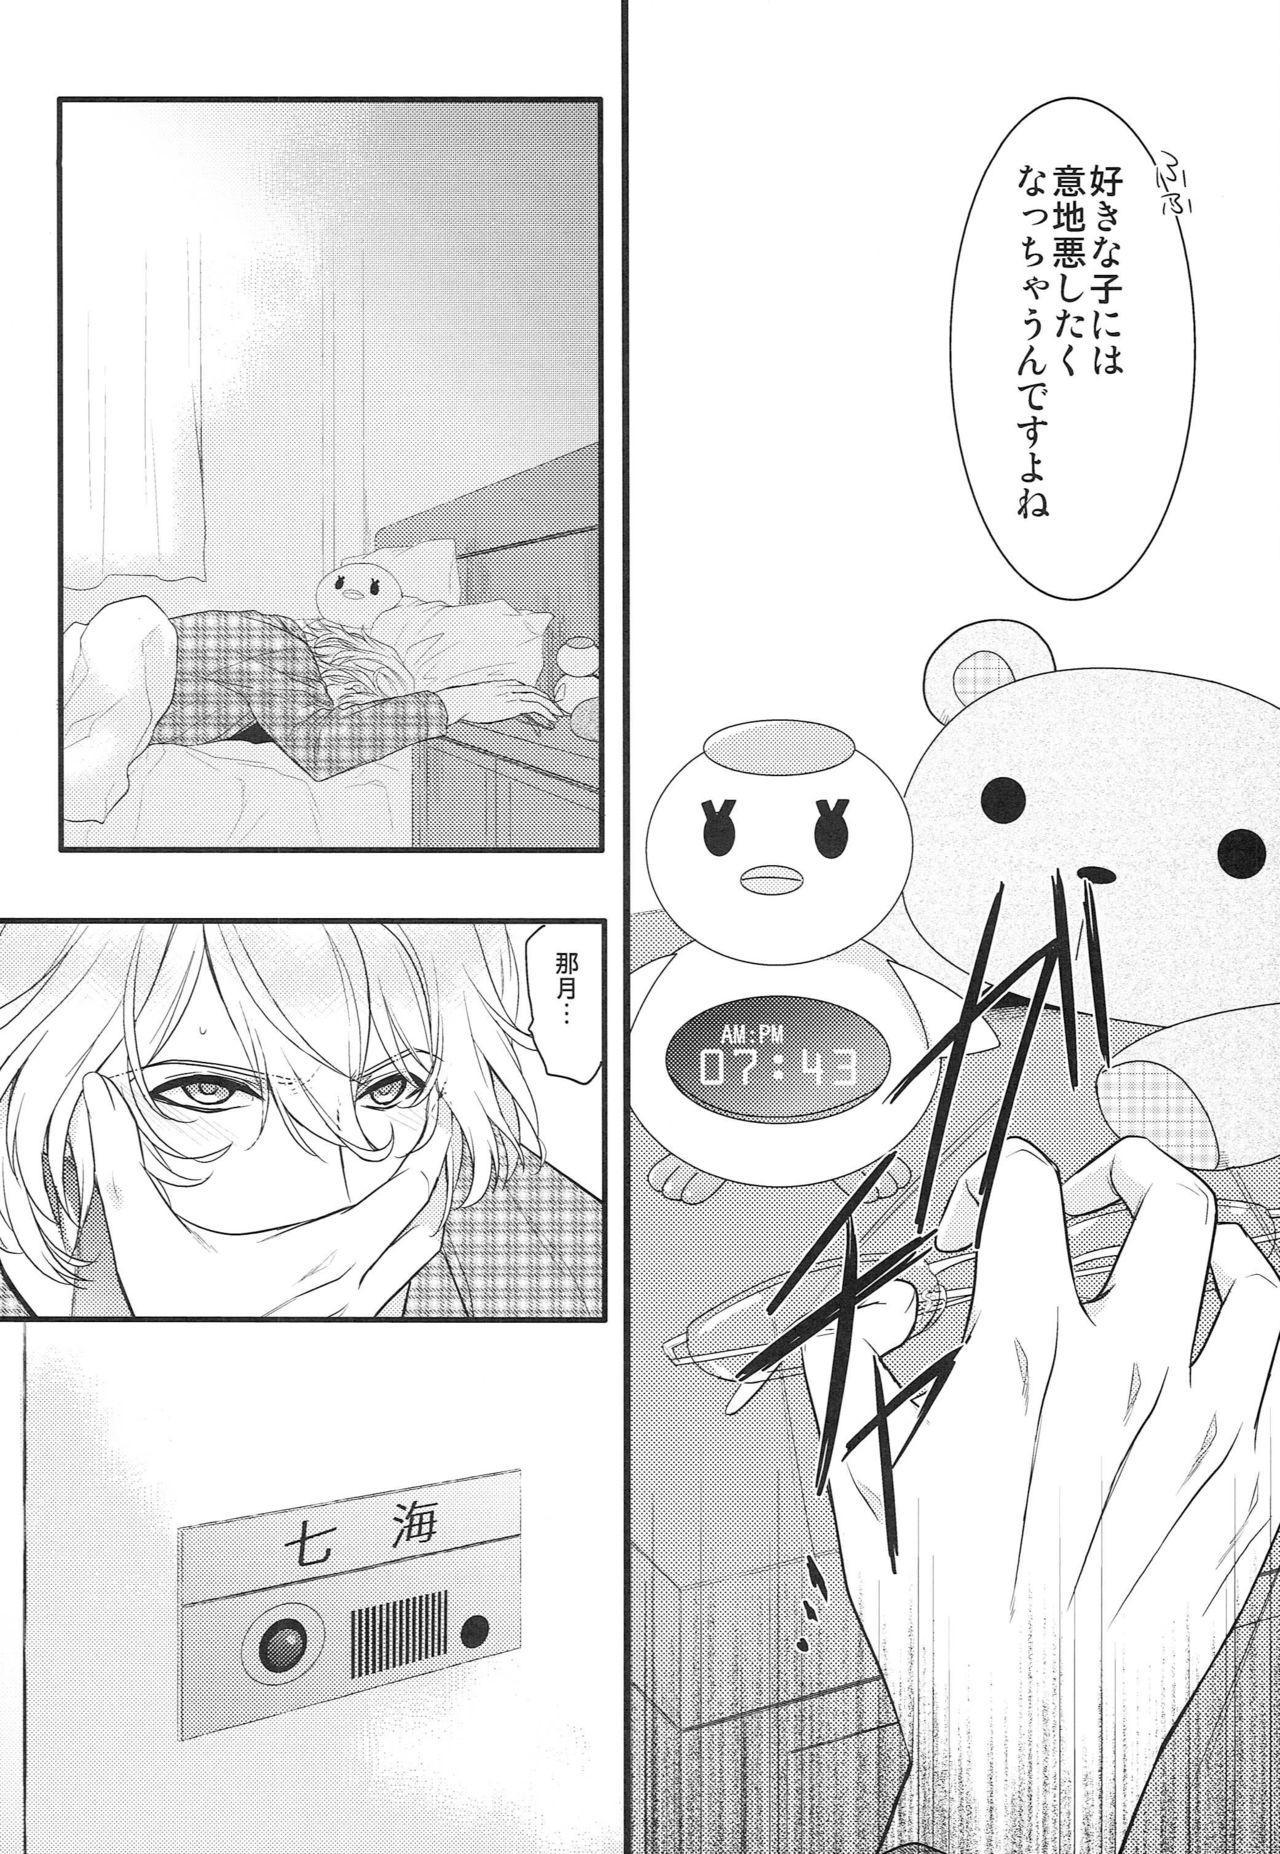 Kusatsu no Yu Demo Naosenai! 2